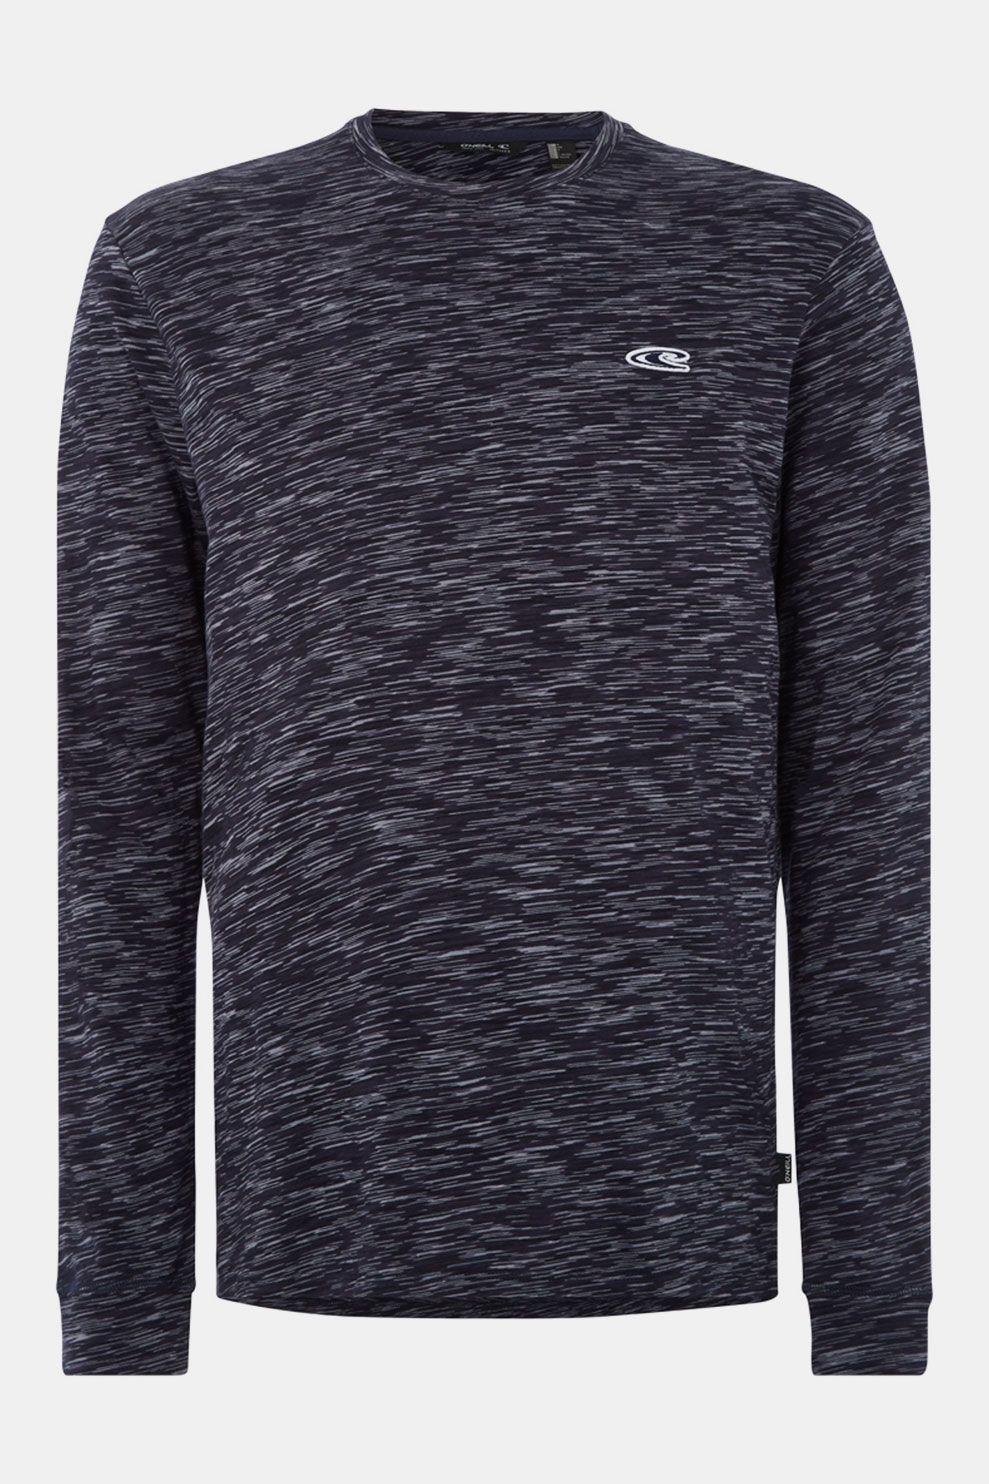 O'Neill Jack's Special Longsleeve T-Shirt Donkerblauw online kopen